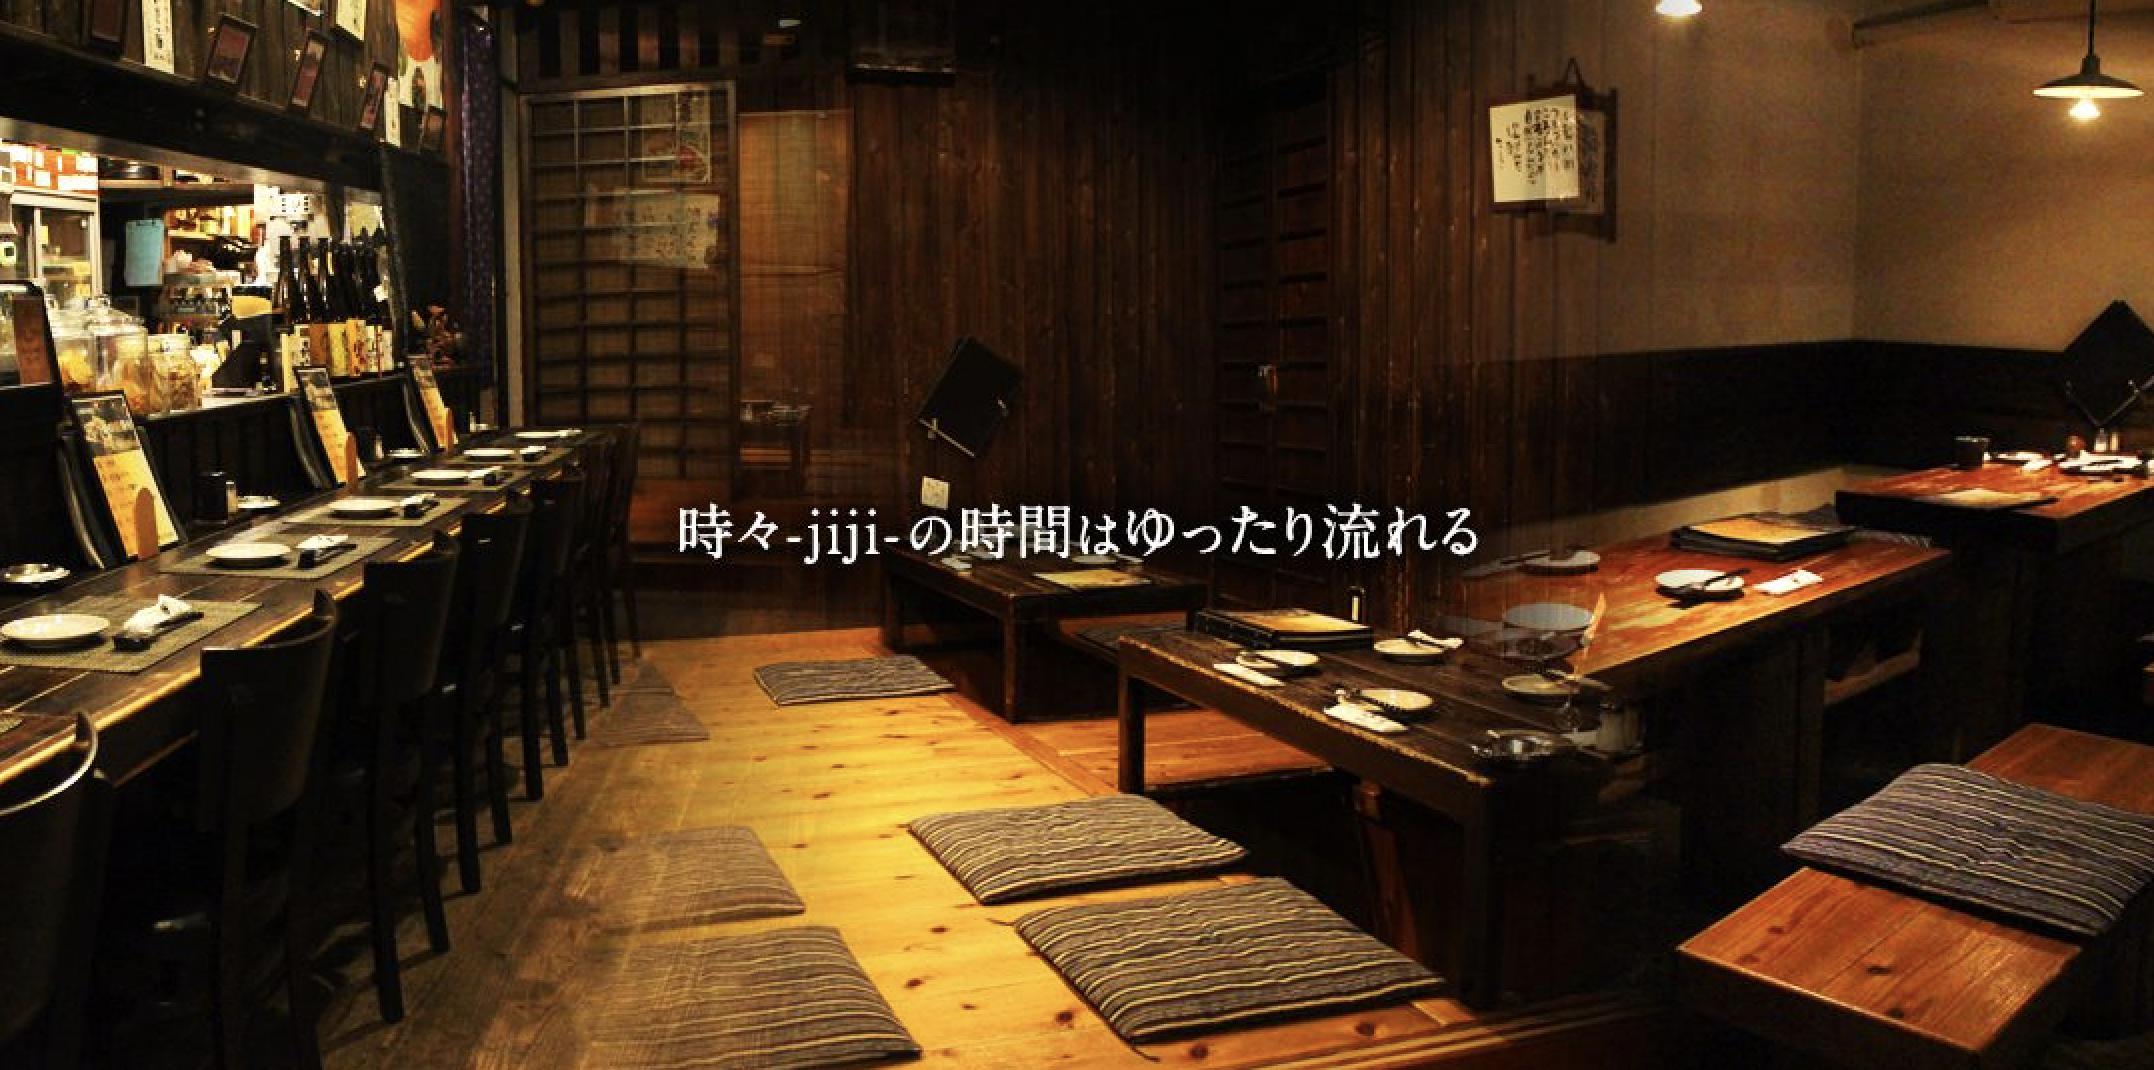 IZAKAYA 時々jiji 観音寺店